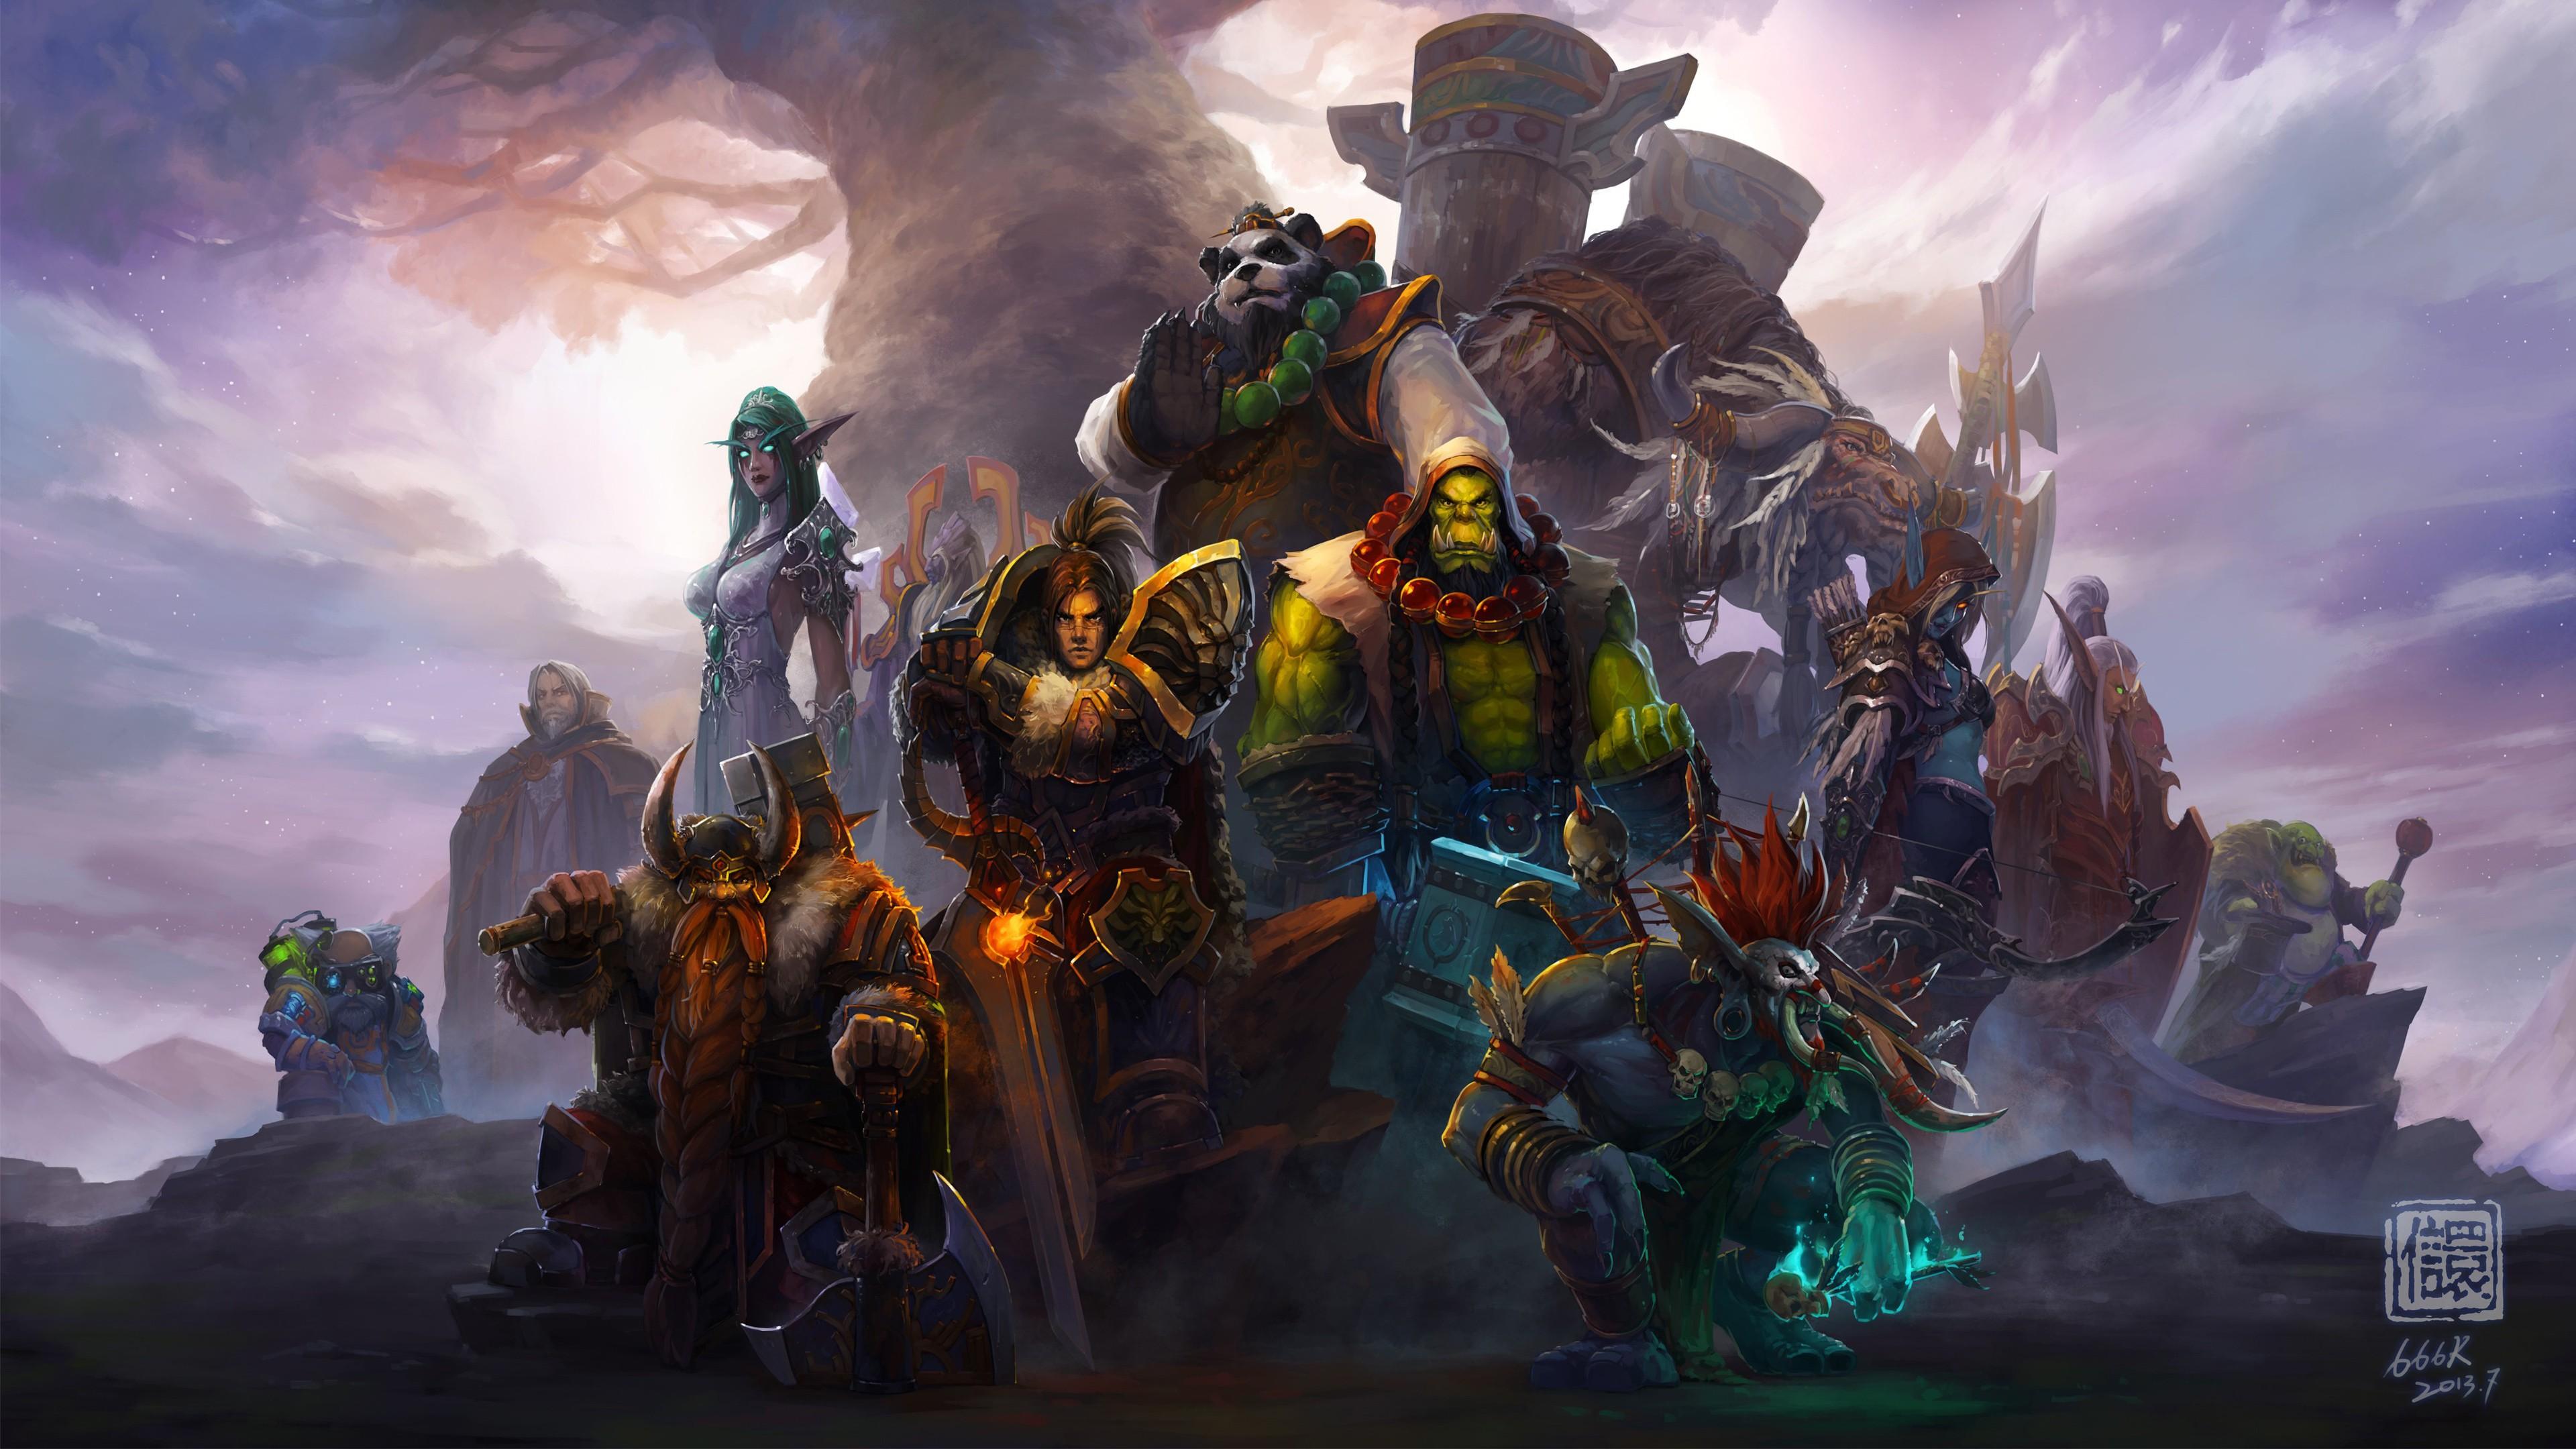 Tekken 6 3d Wallpapers World Of Warcraft Characters 4k Wallpapers Hd Wallpapers